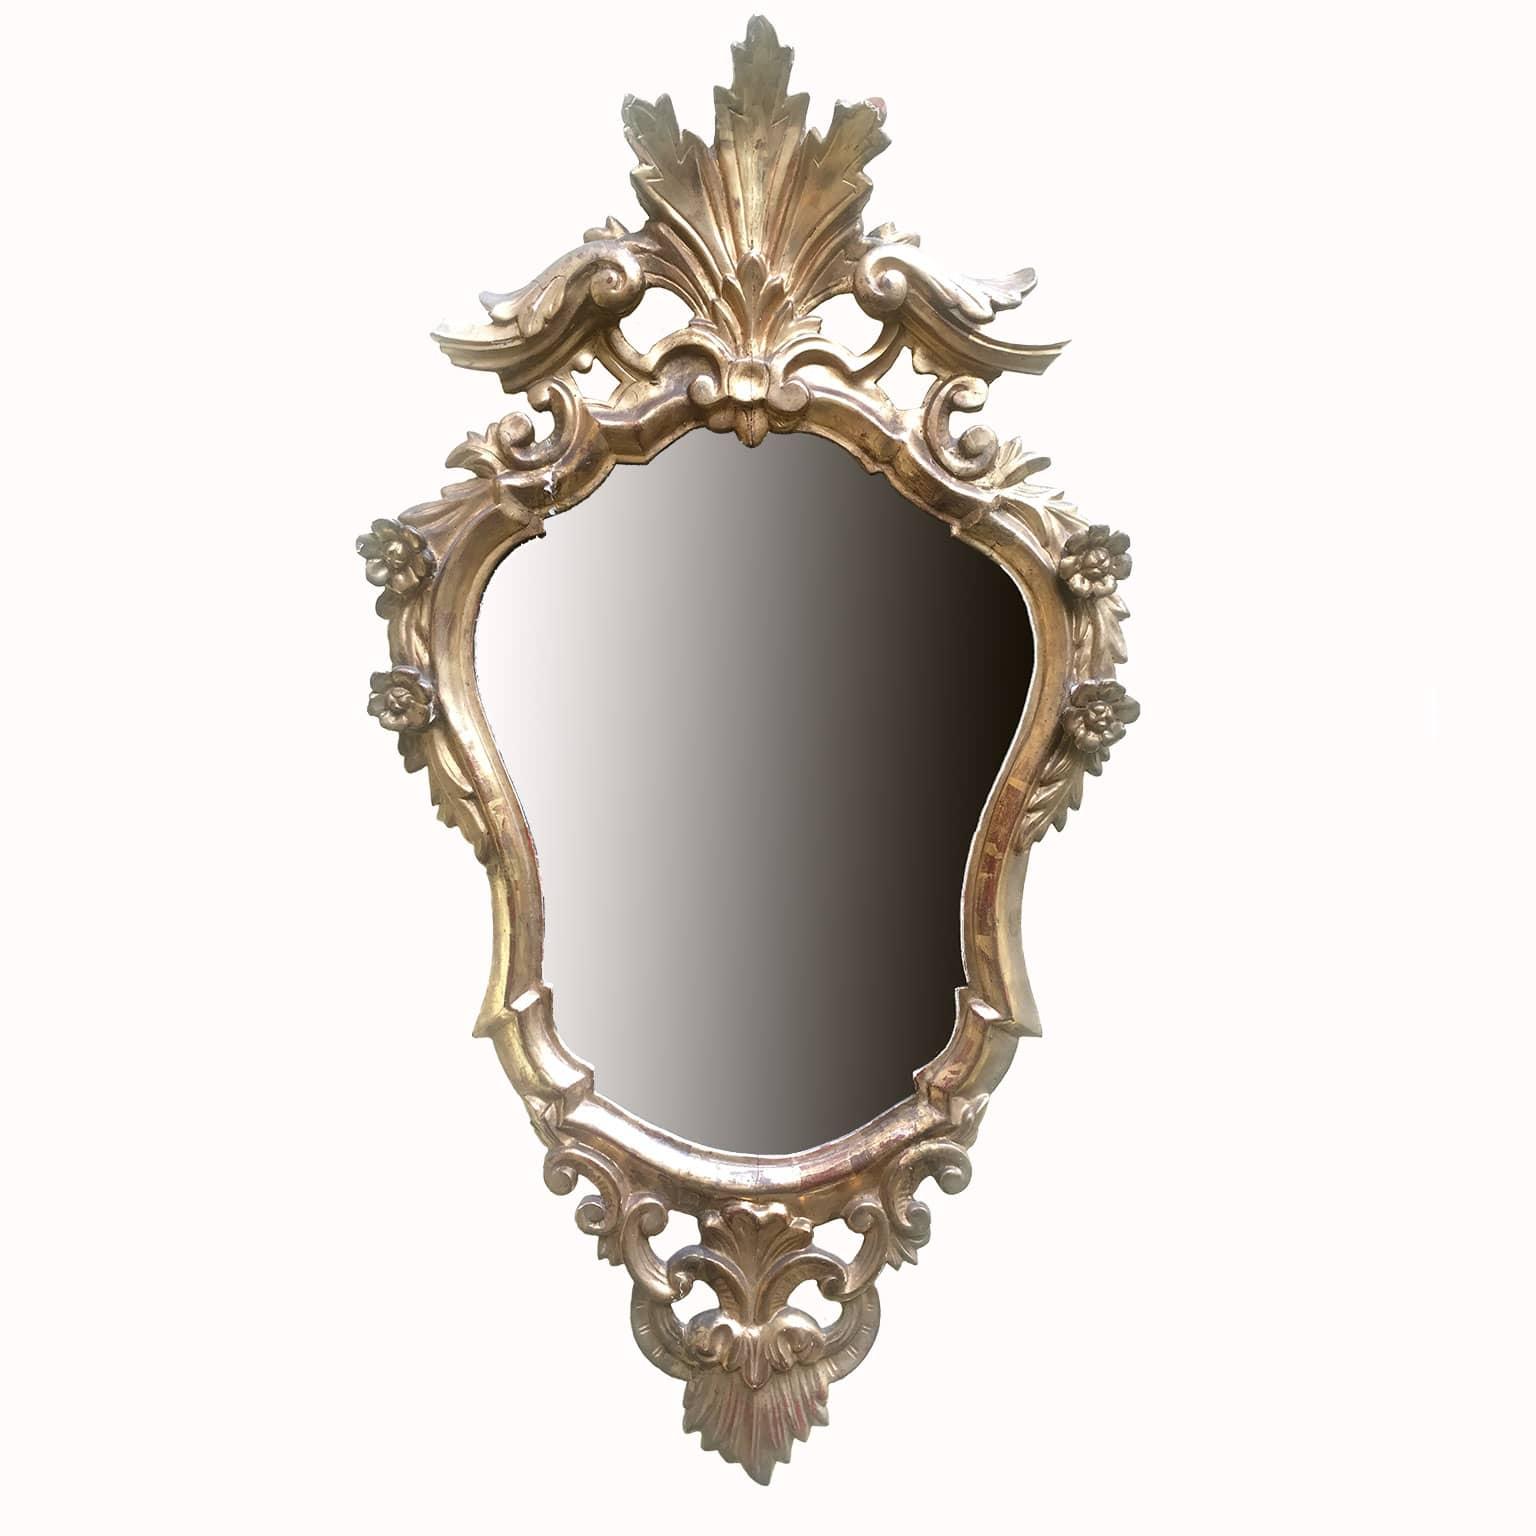 Specchiera antica dorata inizi 1900 realizzata in legno for Specchio 1900